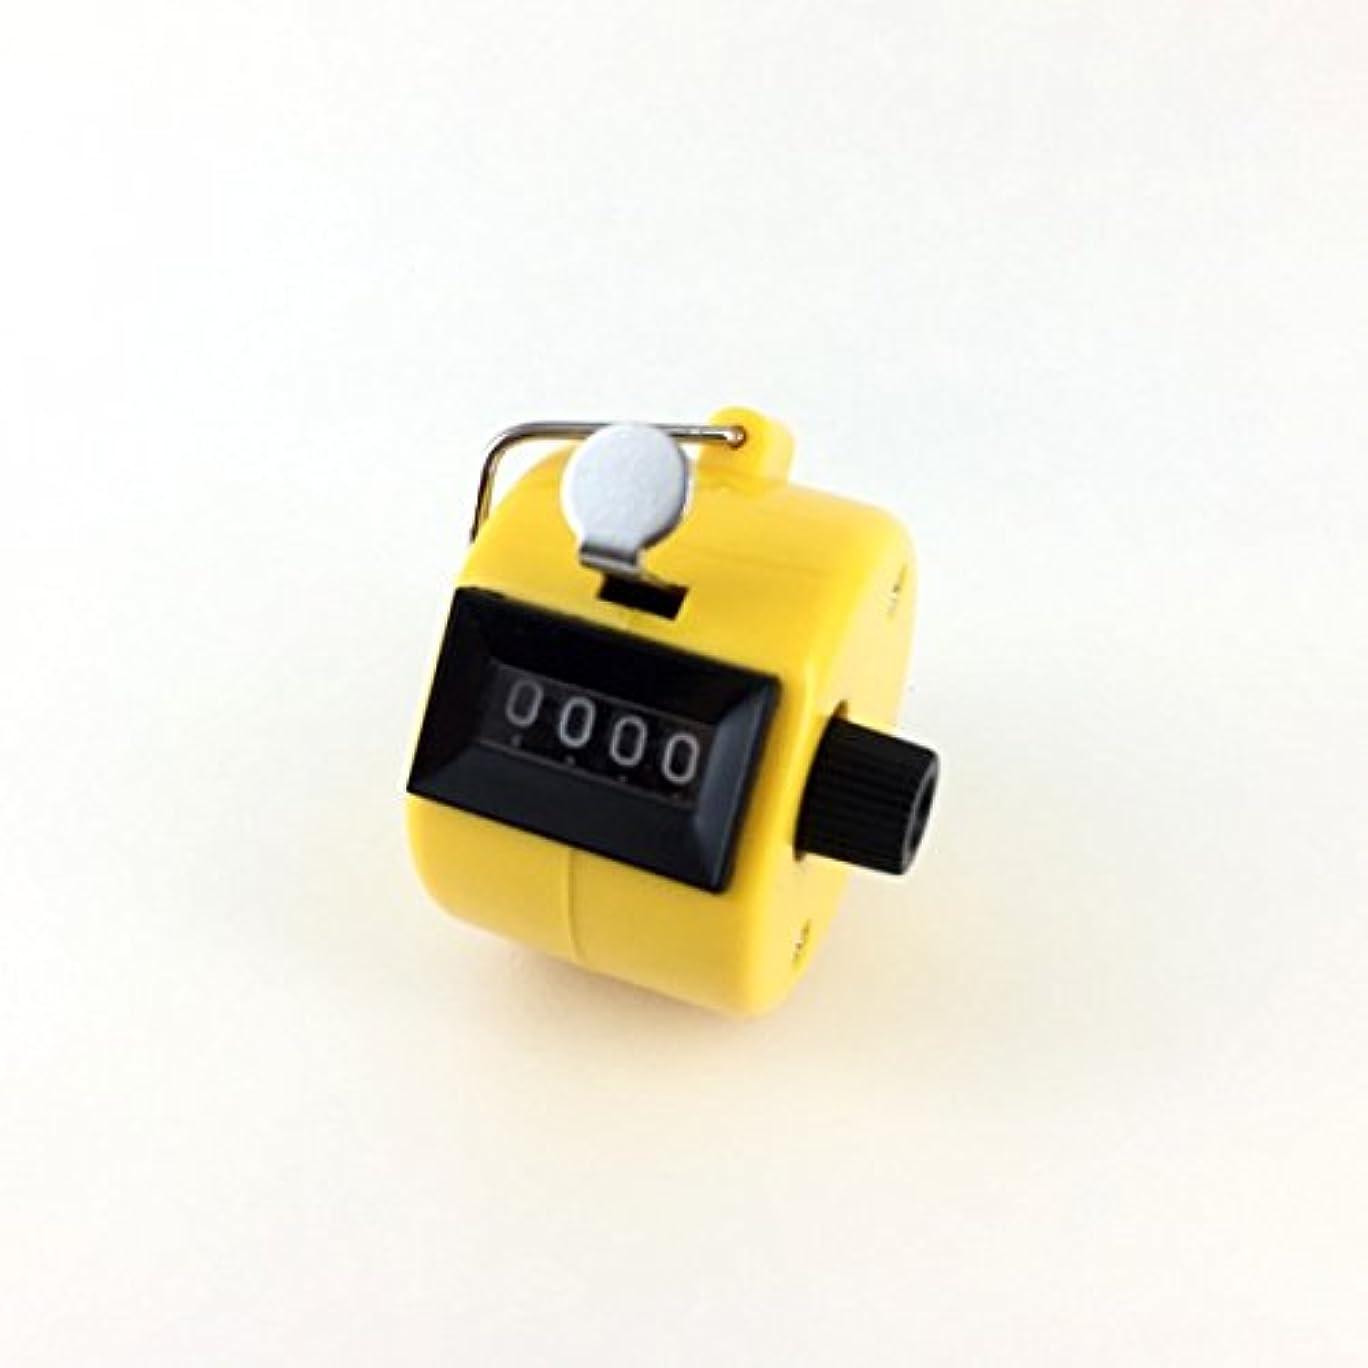 省略発見する戦略エクステカウンター 手持ちホルダー付き 数取器 まつげエクステ用品 カラー4色 (イエロー)